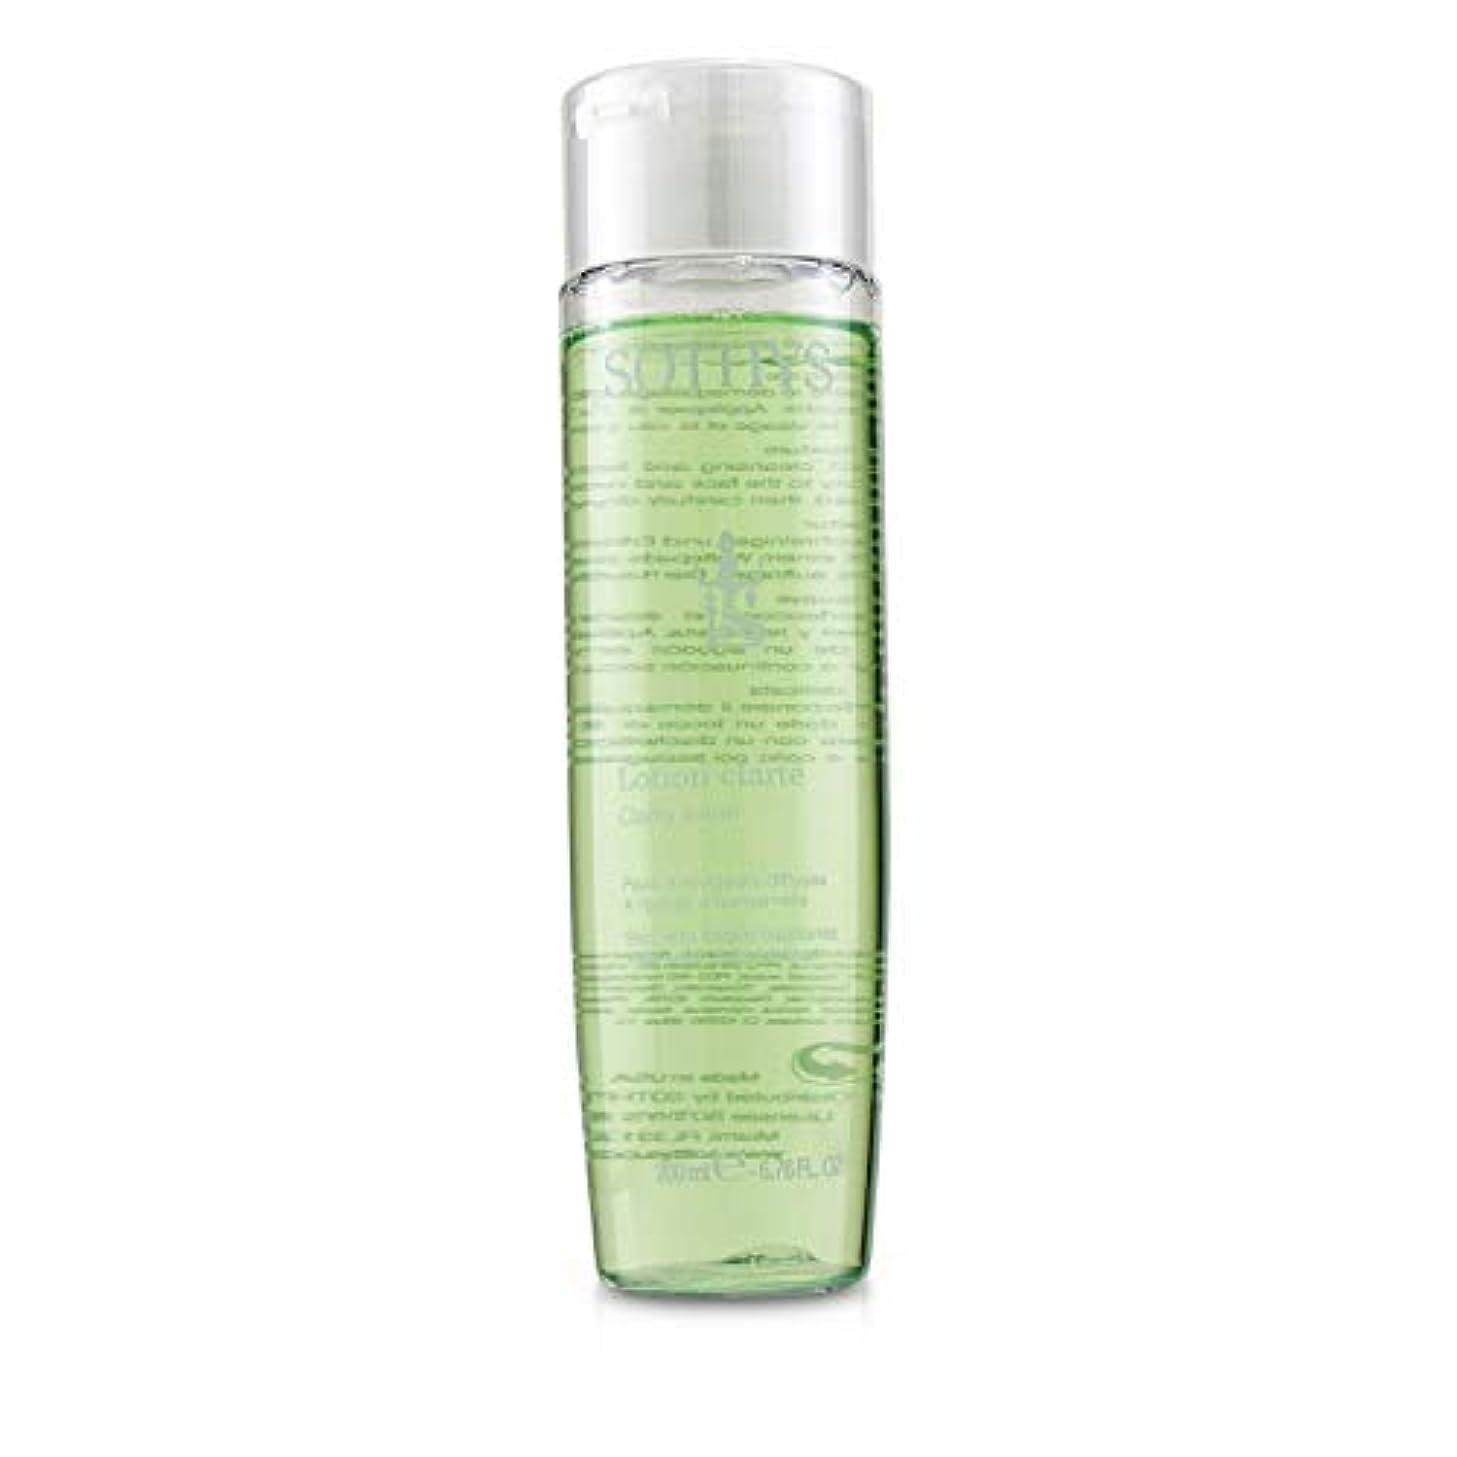 マントル暴露千Sothys Clarity Lotion - For Skin With Fragile Capillaries, With Witch Hazel Extract 200ml/6.76oz並行輸入品